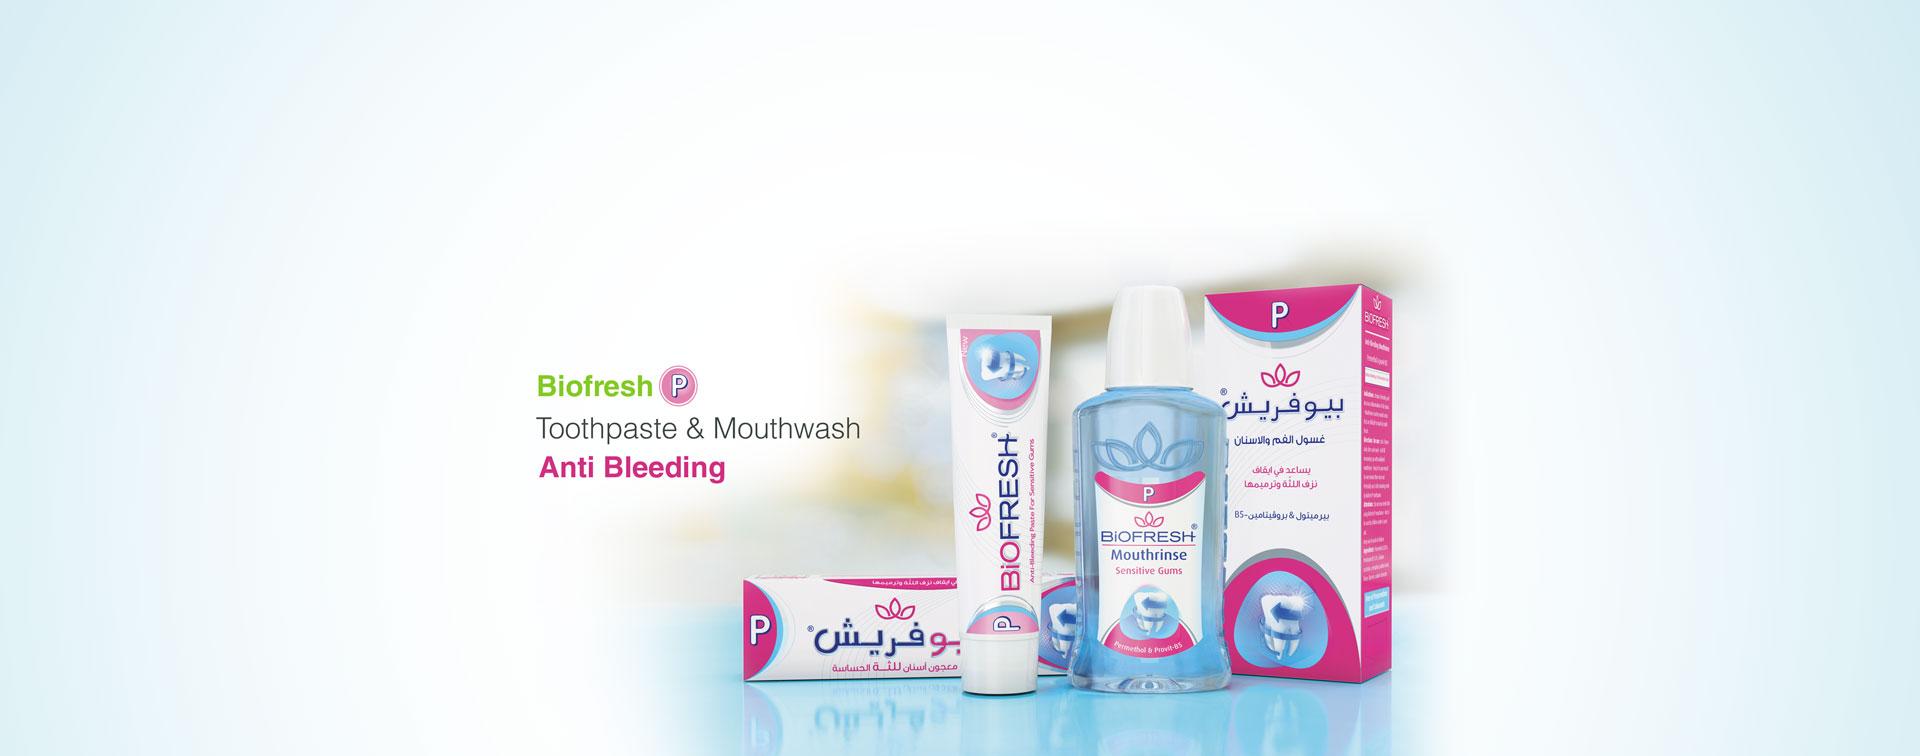 toothpaste-p